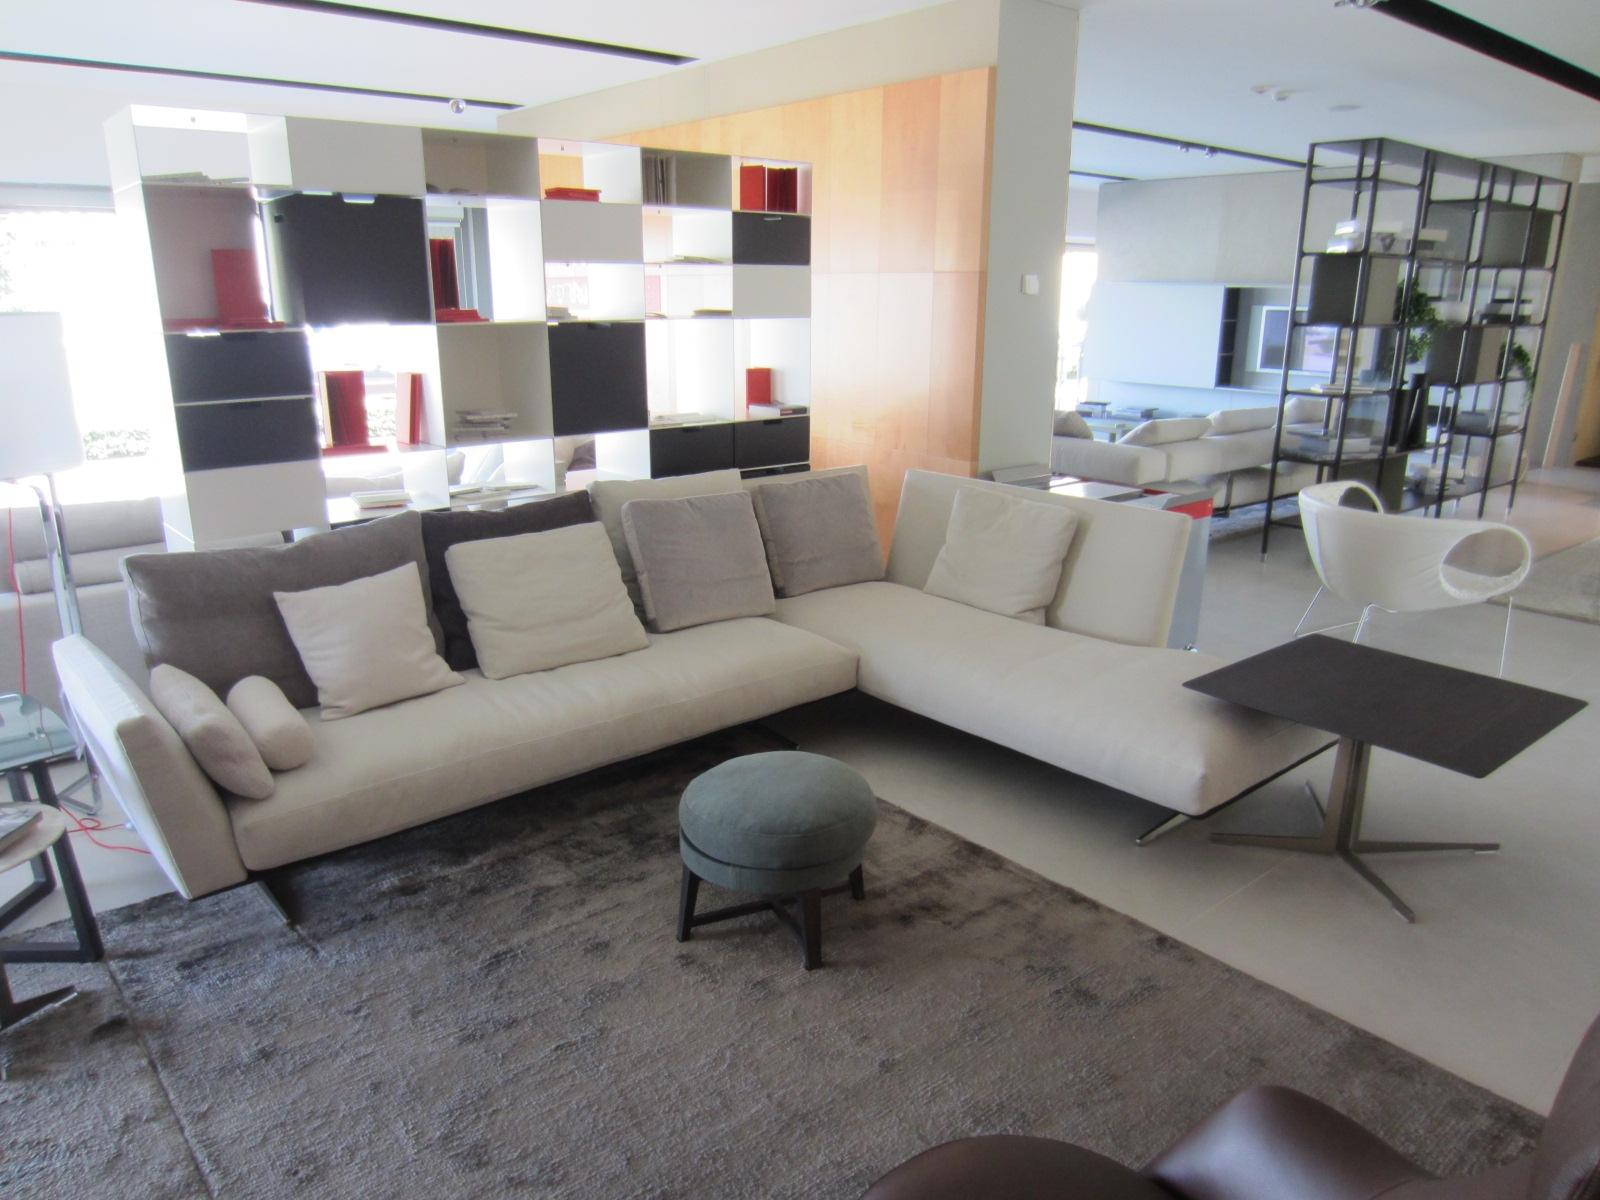 Divano flexform evergreen divani a prezzi scontati for Outlet divani